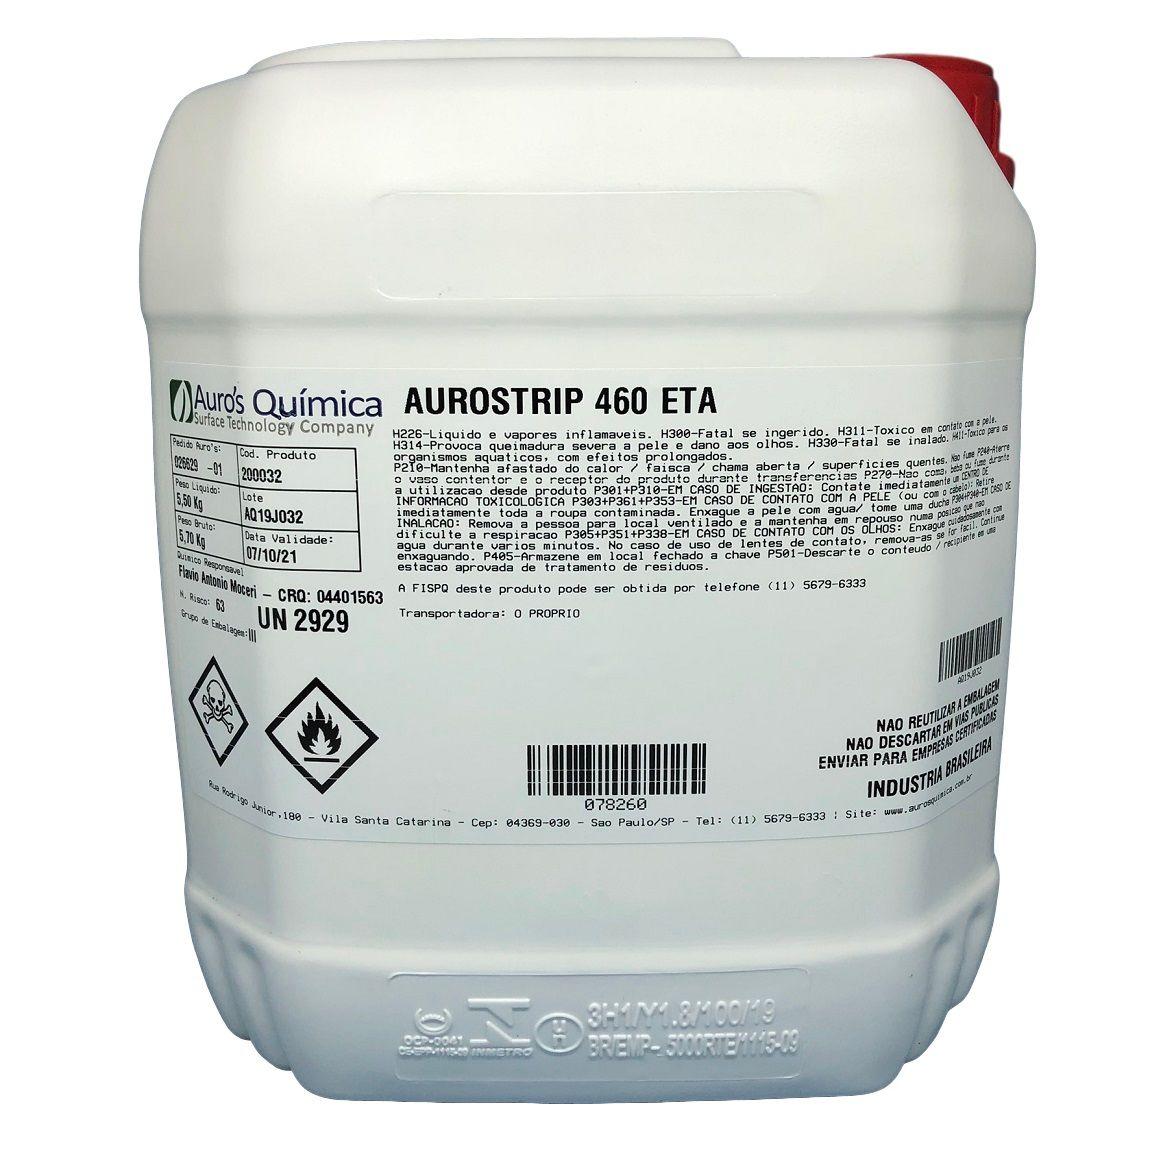 Cloreto de Metileno 60% (Etanol) - 5 Litros